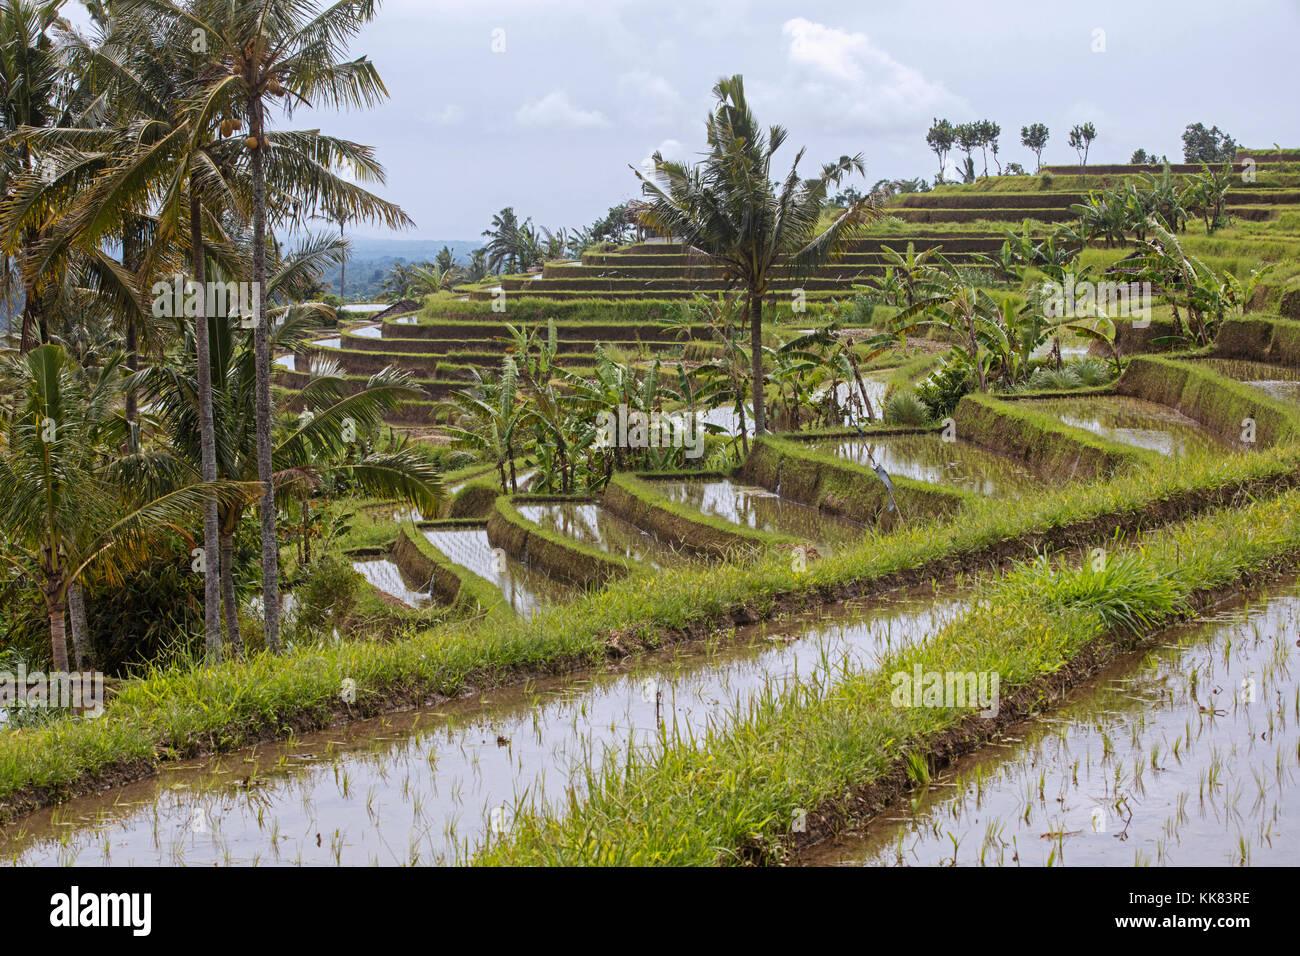 Jatiluwih arrozales en terrazas, terrazas de arroz en las tierras altas del oeste de Bali, Indonesia Imagen De Stock